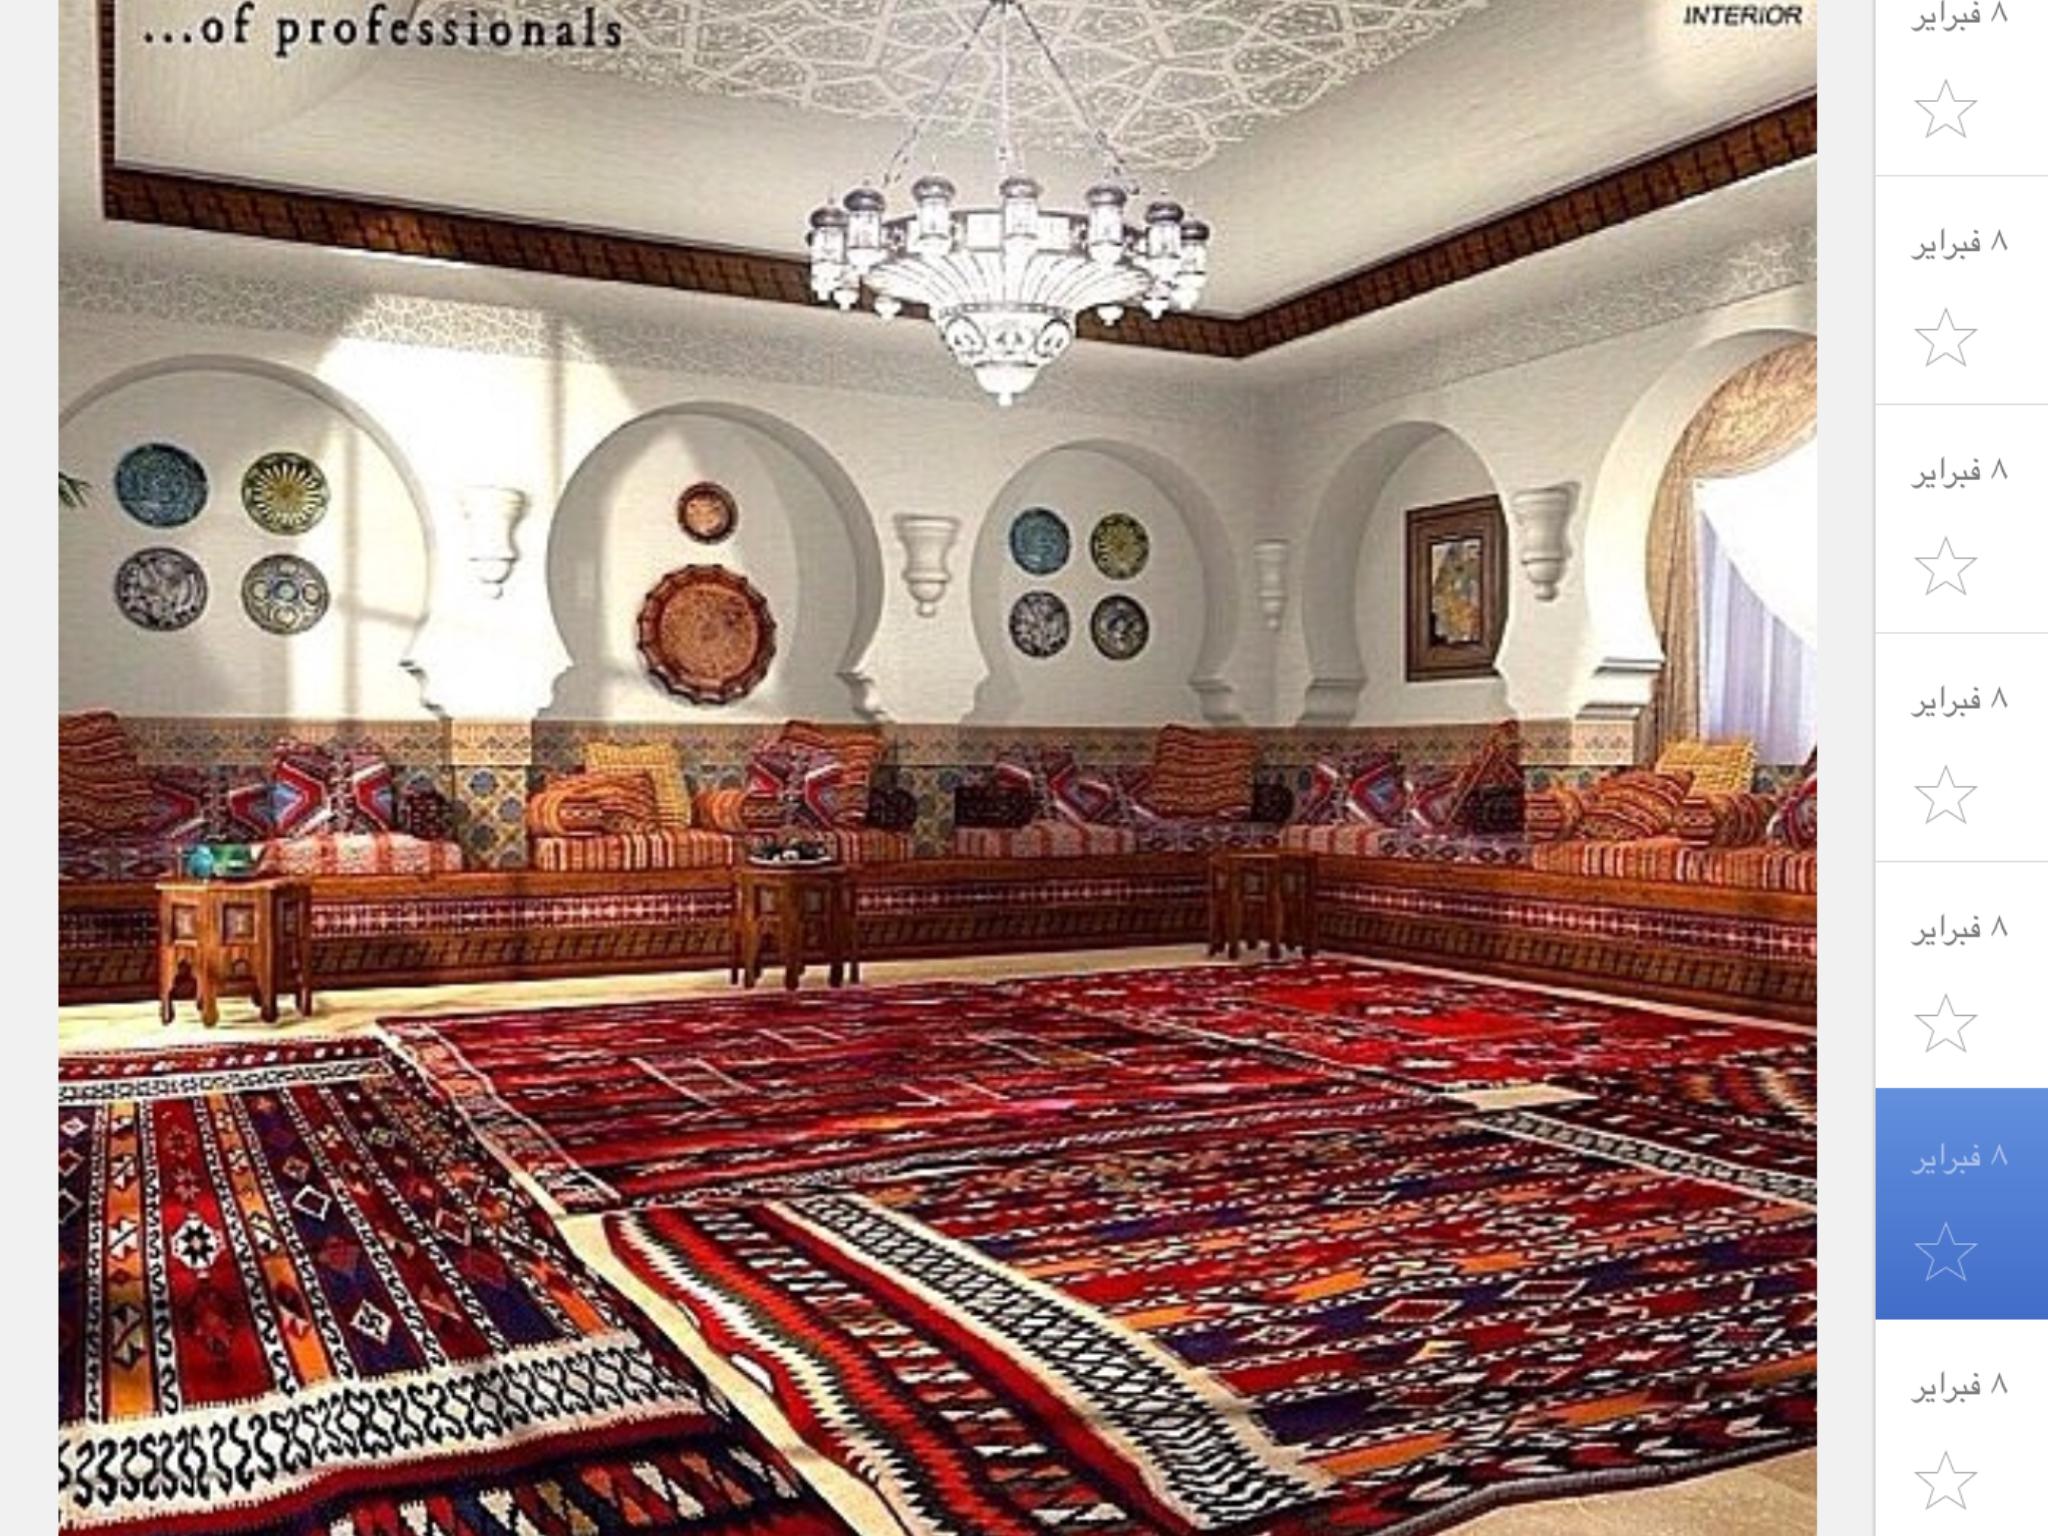 Pin By Irfan Bhatti On Moroccan Moroccan Home Decor Arabic Decor Hotel Decor